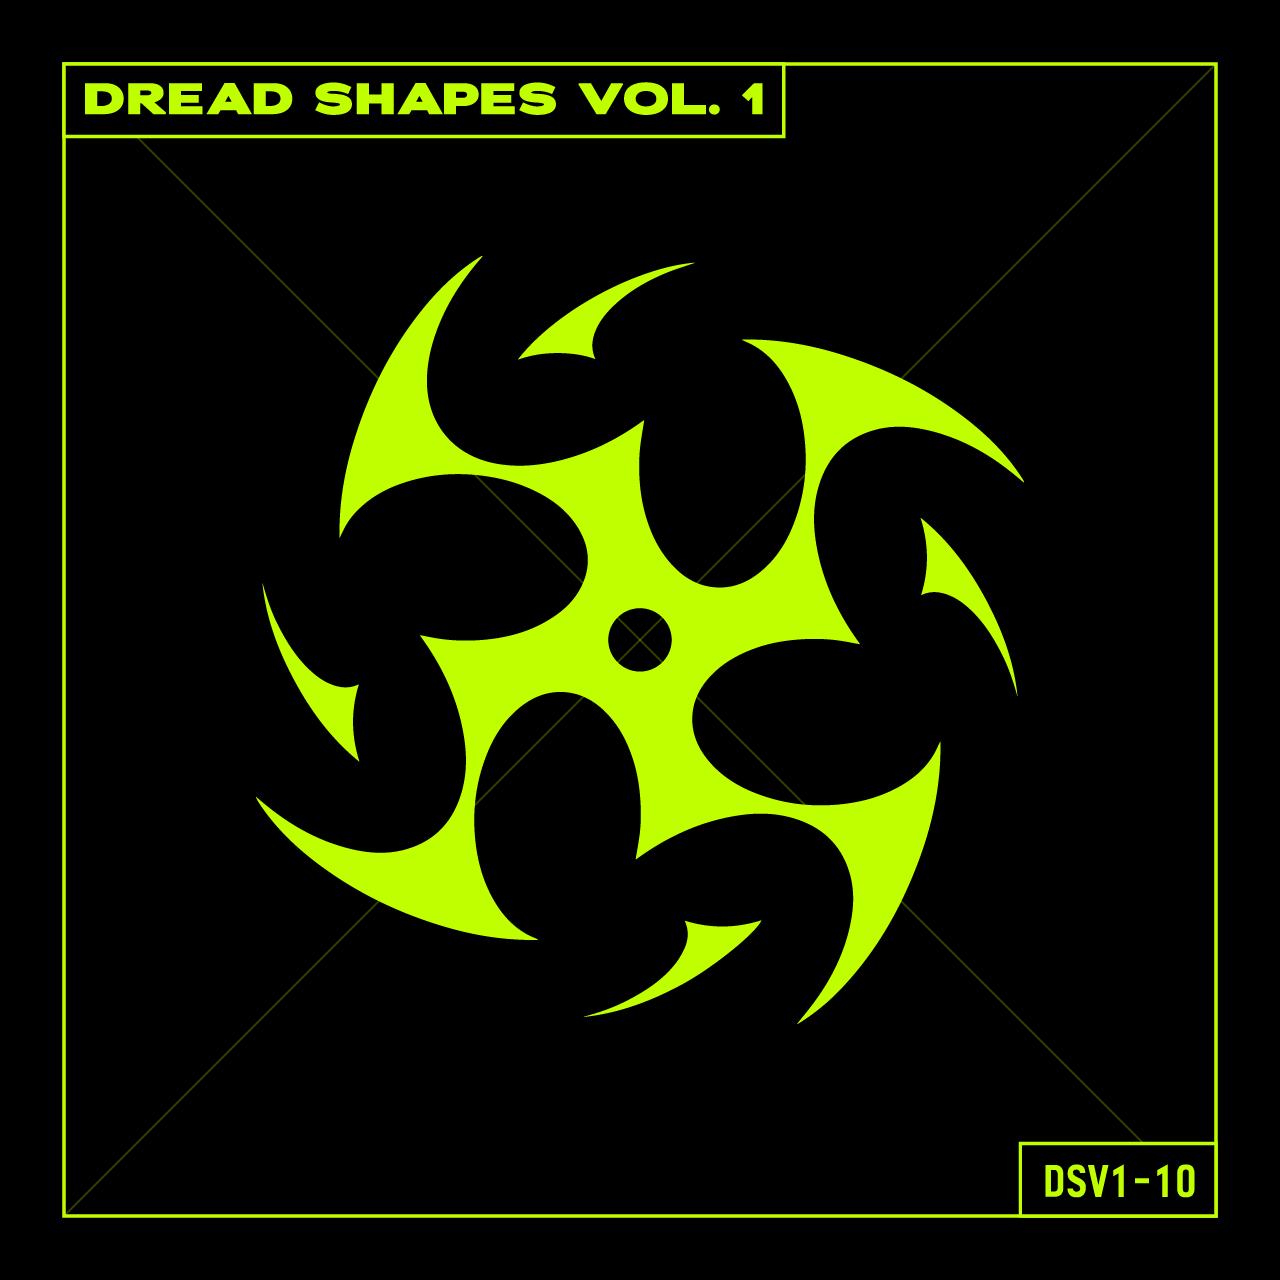 20款潮流抽象曼荼罗图标矢量图形AI素材 Dread Shapes Vol. 1插图2